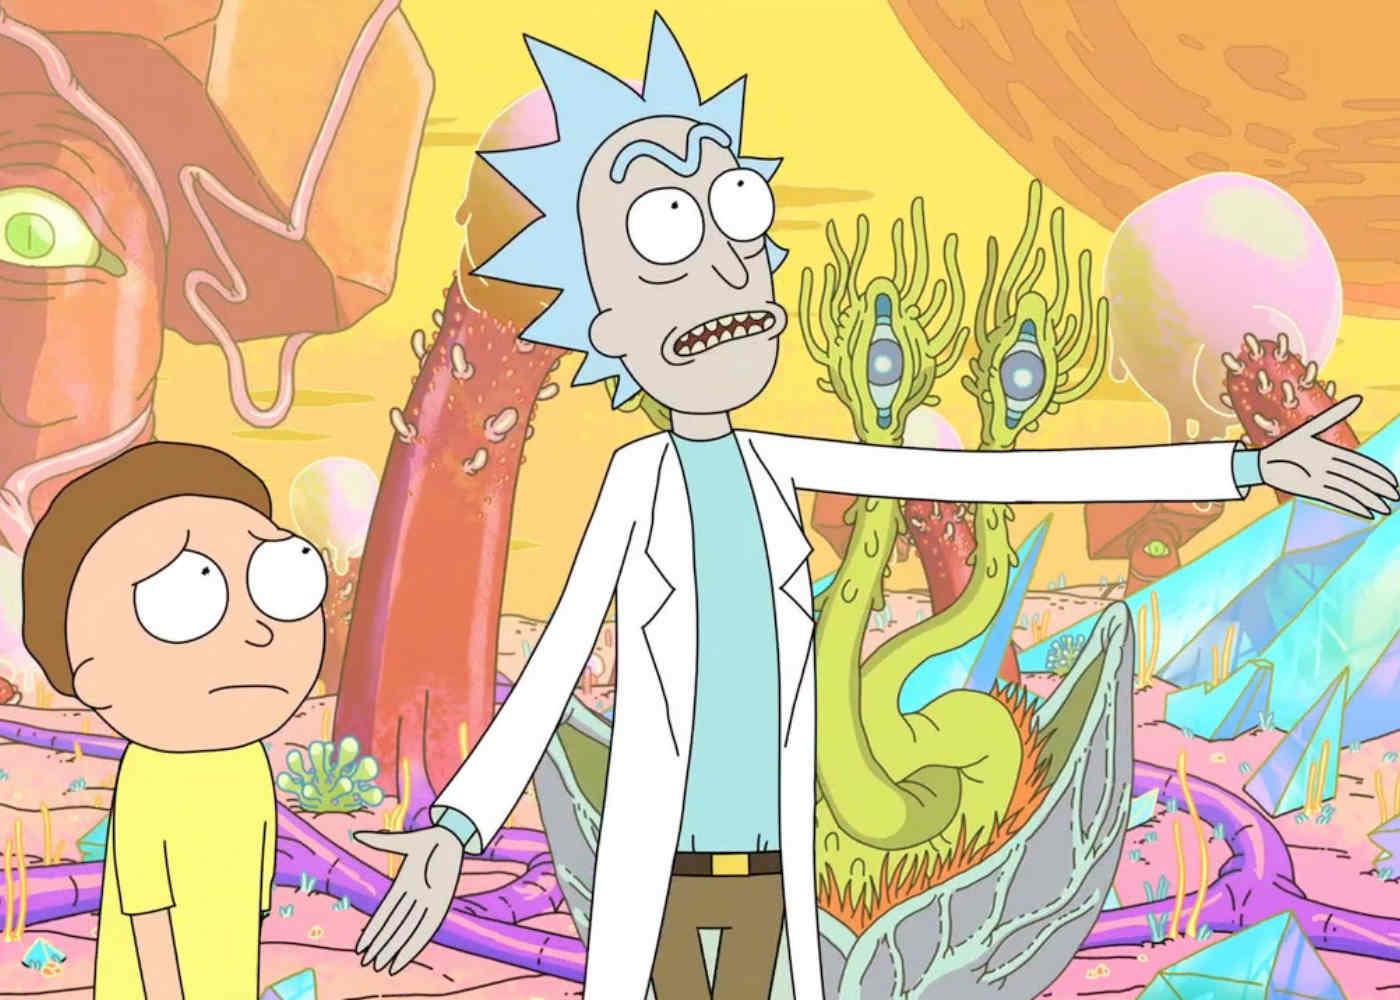 Wubba Lubba Dub Dub! New Rick and Morty Season 3 Trailer